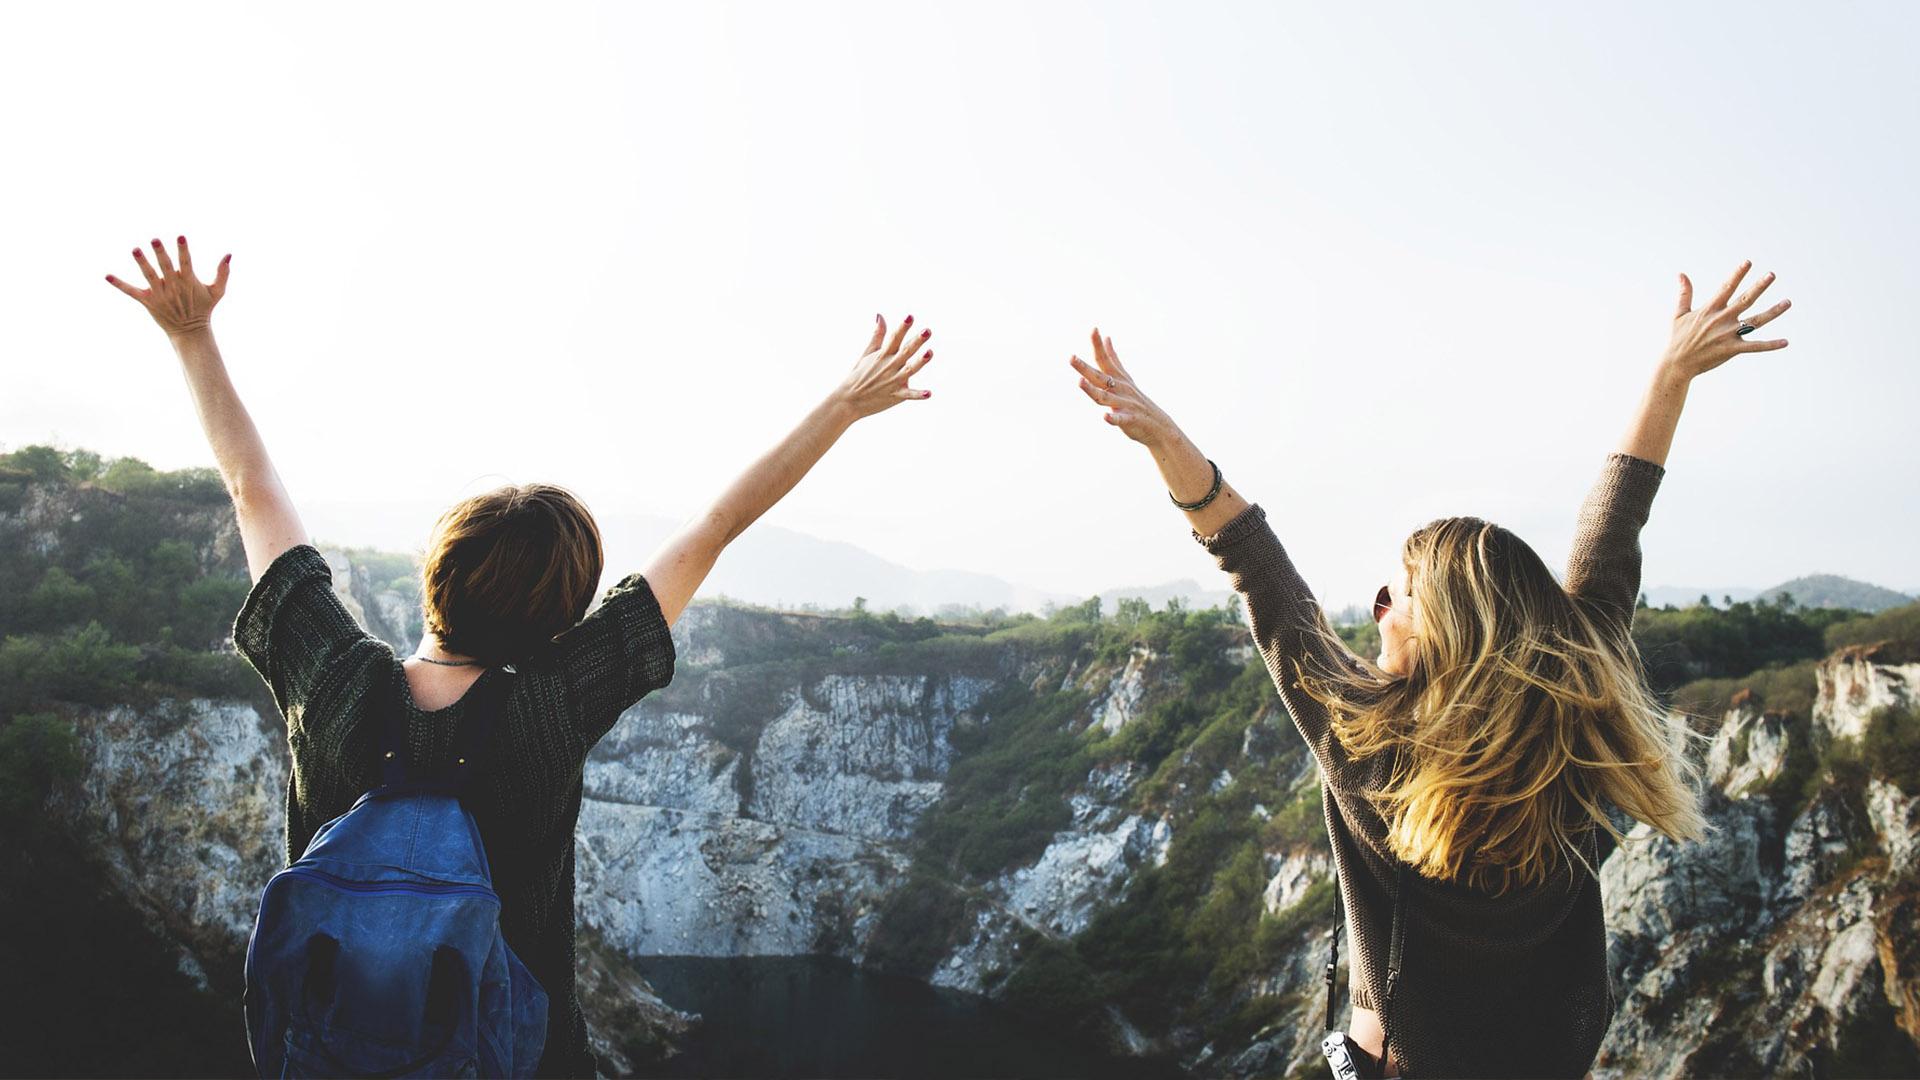 Com o visto americano de turista você pode viajar pela país, descobrindo uma nova cultura e vivendo uma experiência inesquecível.